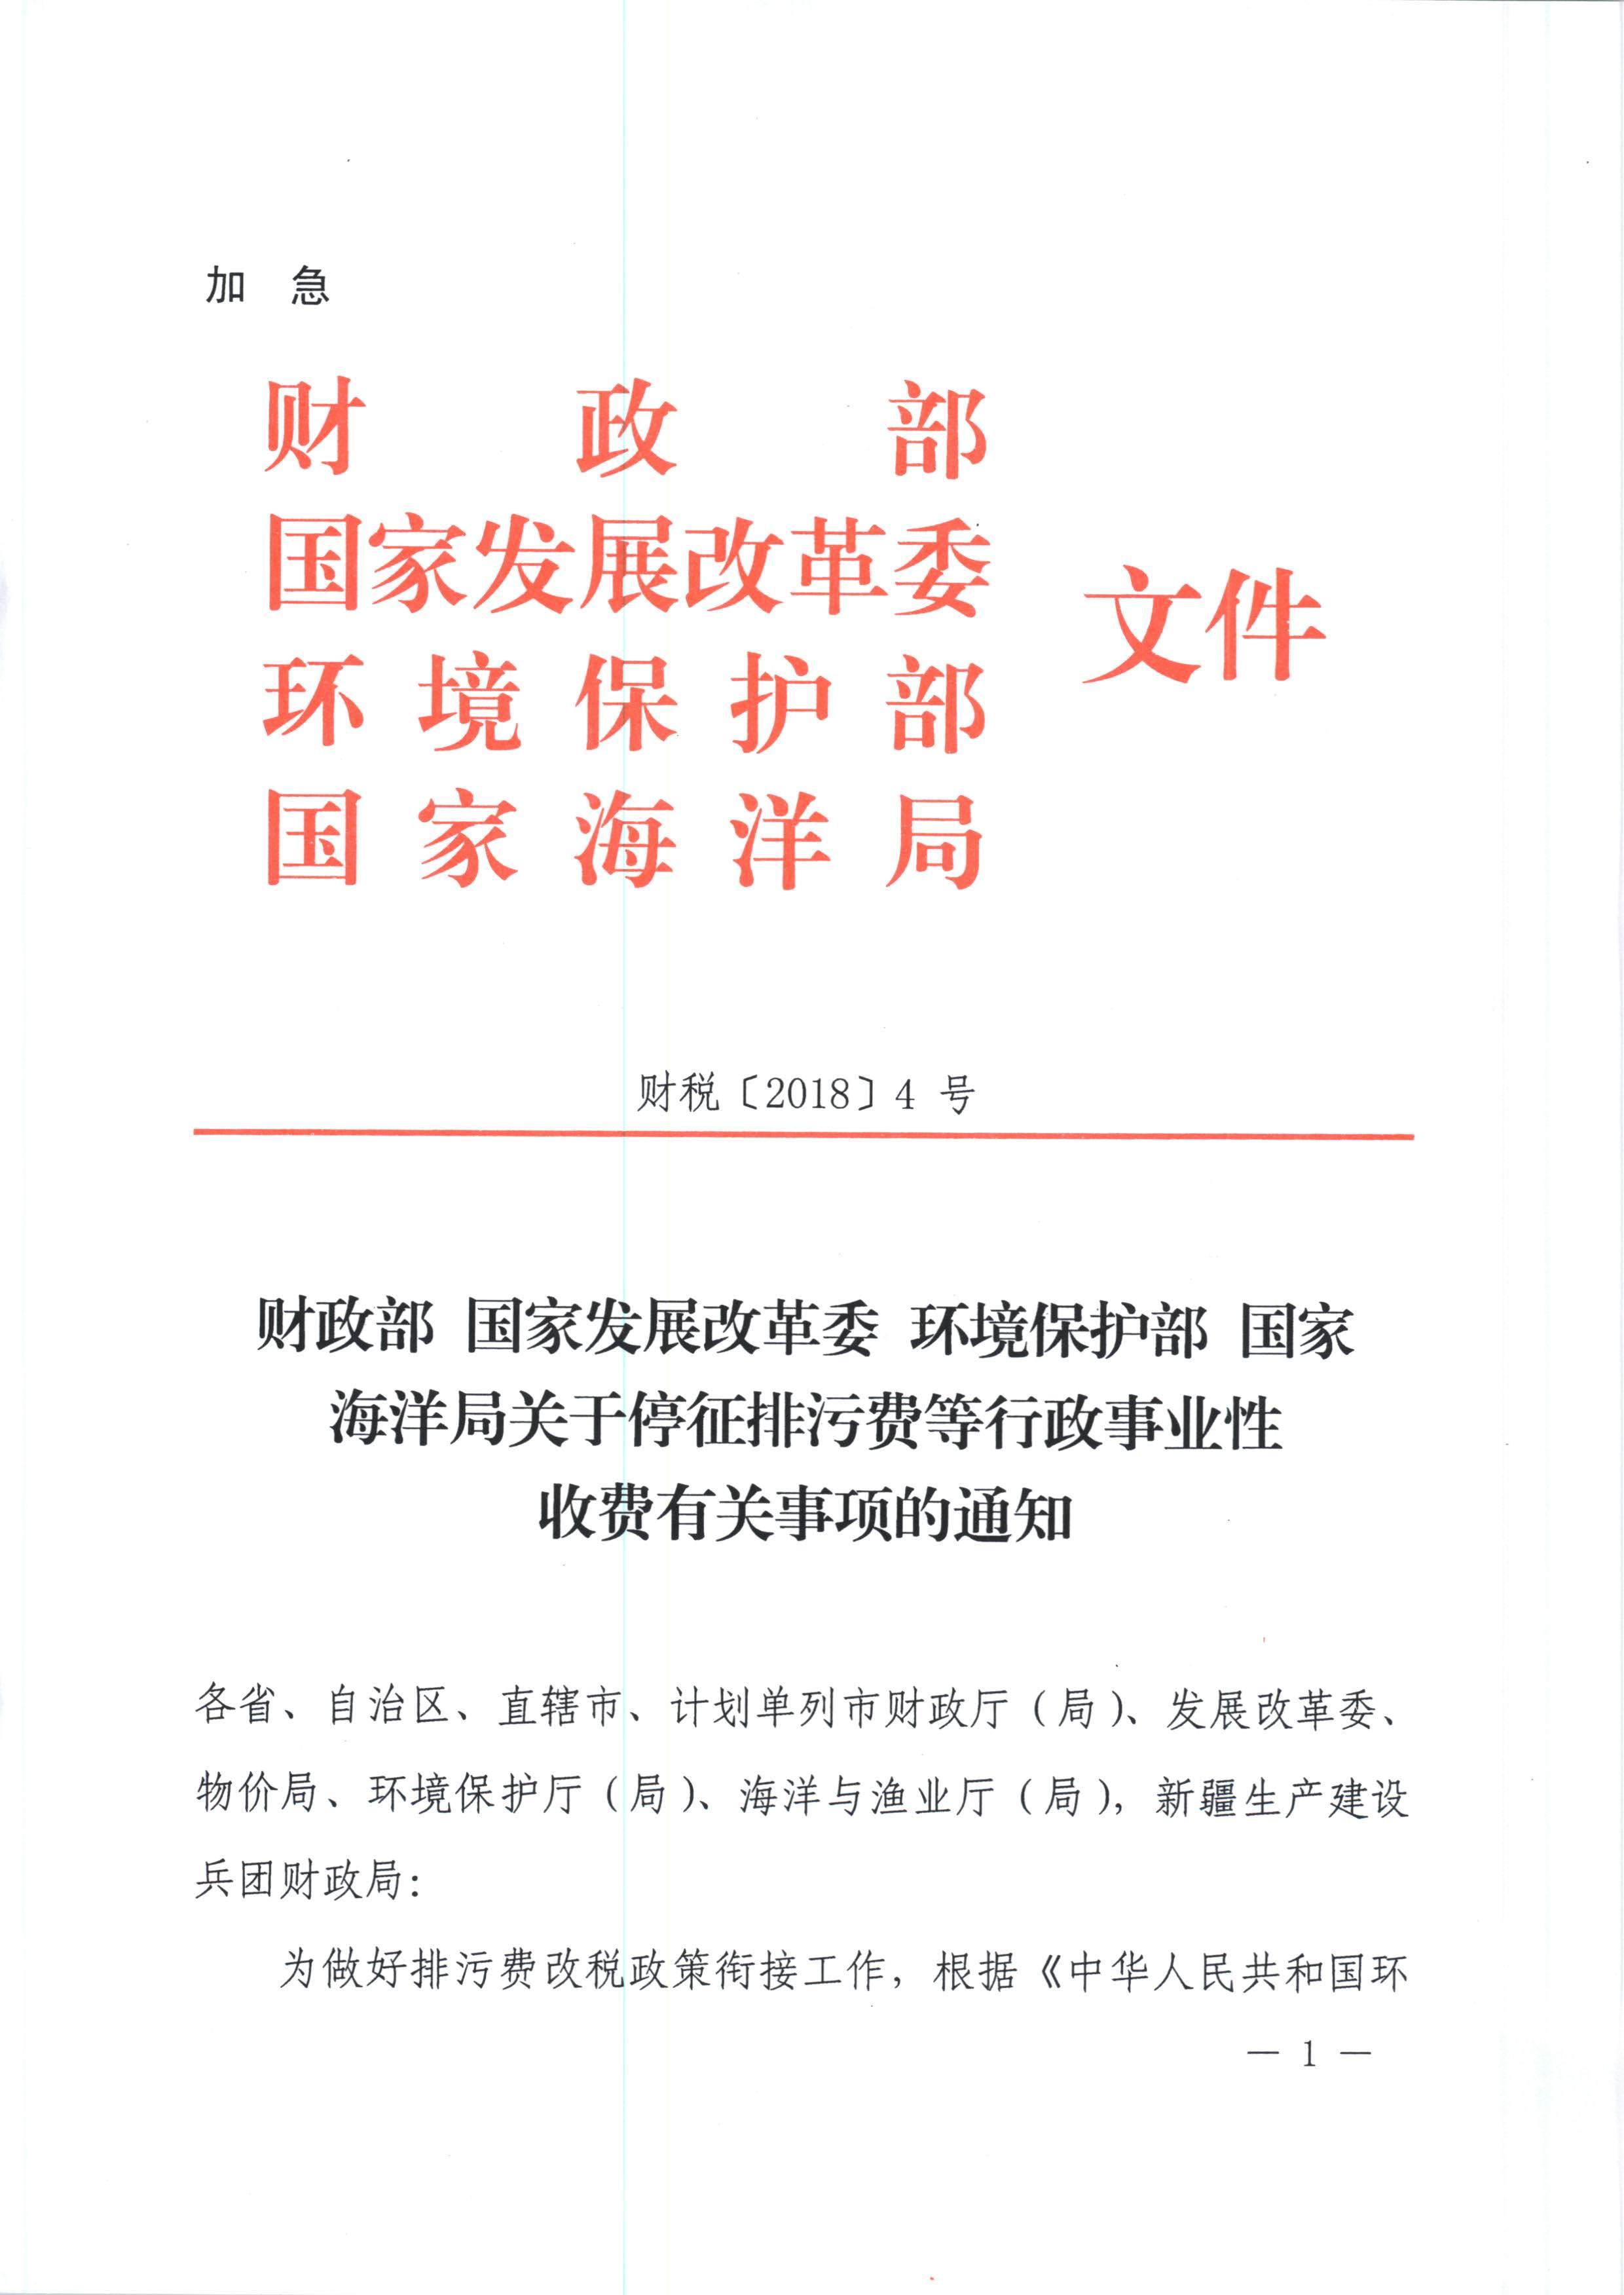 财政部排污费停收文件 财税【2018】4号